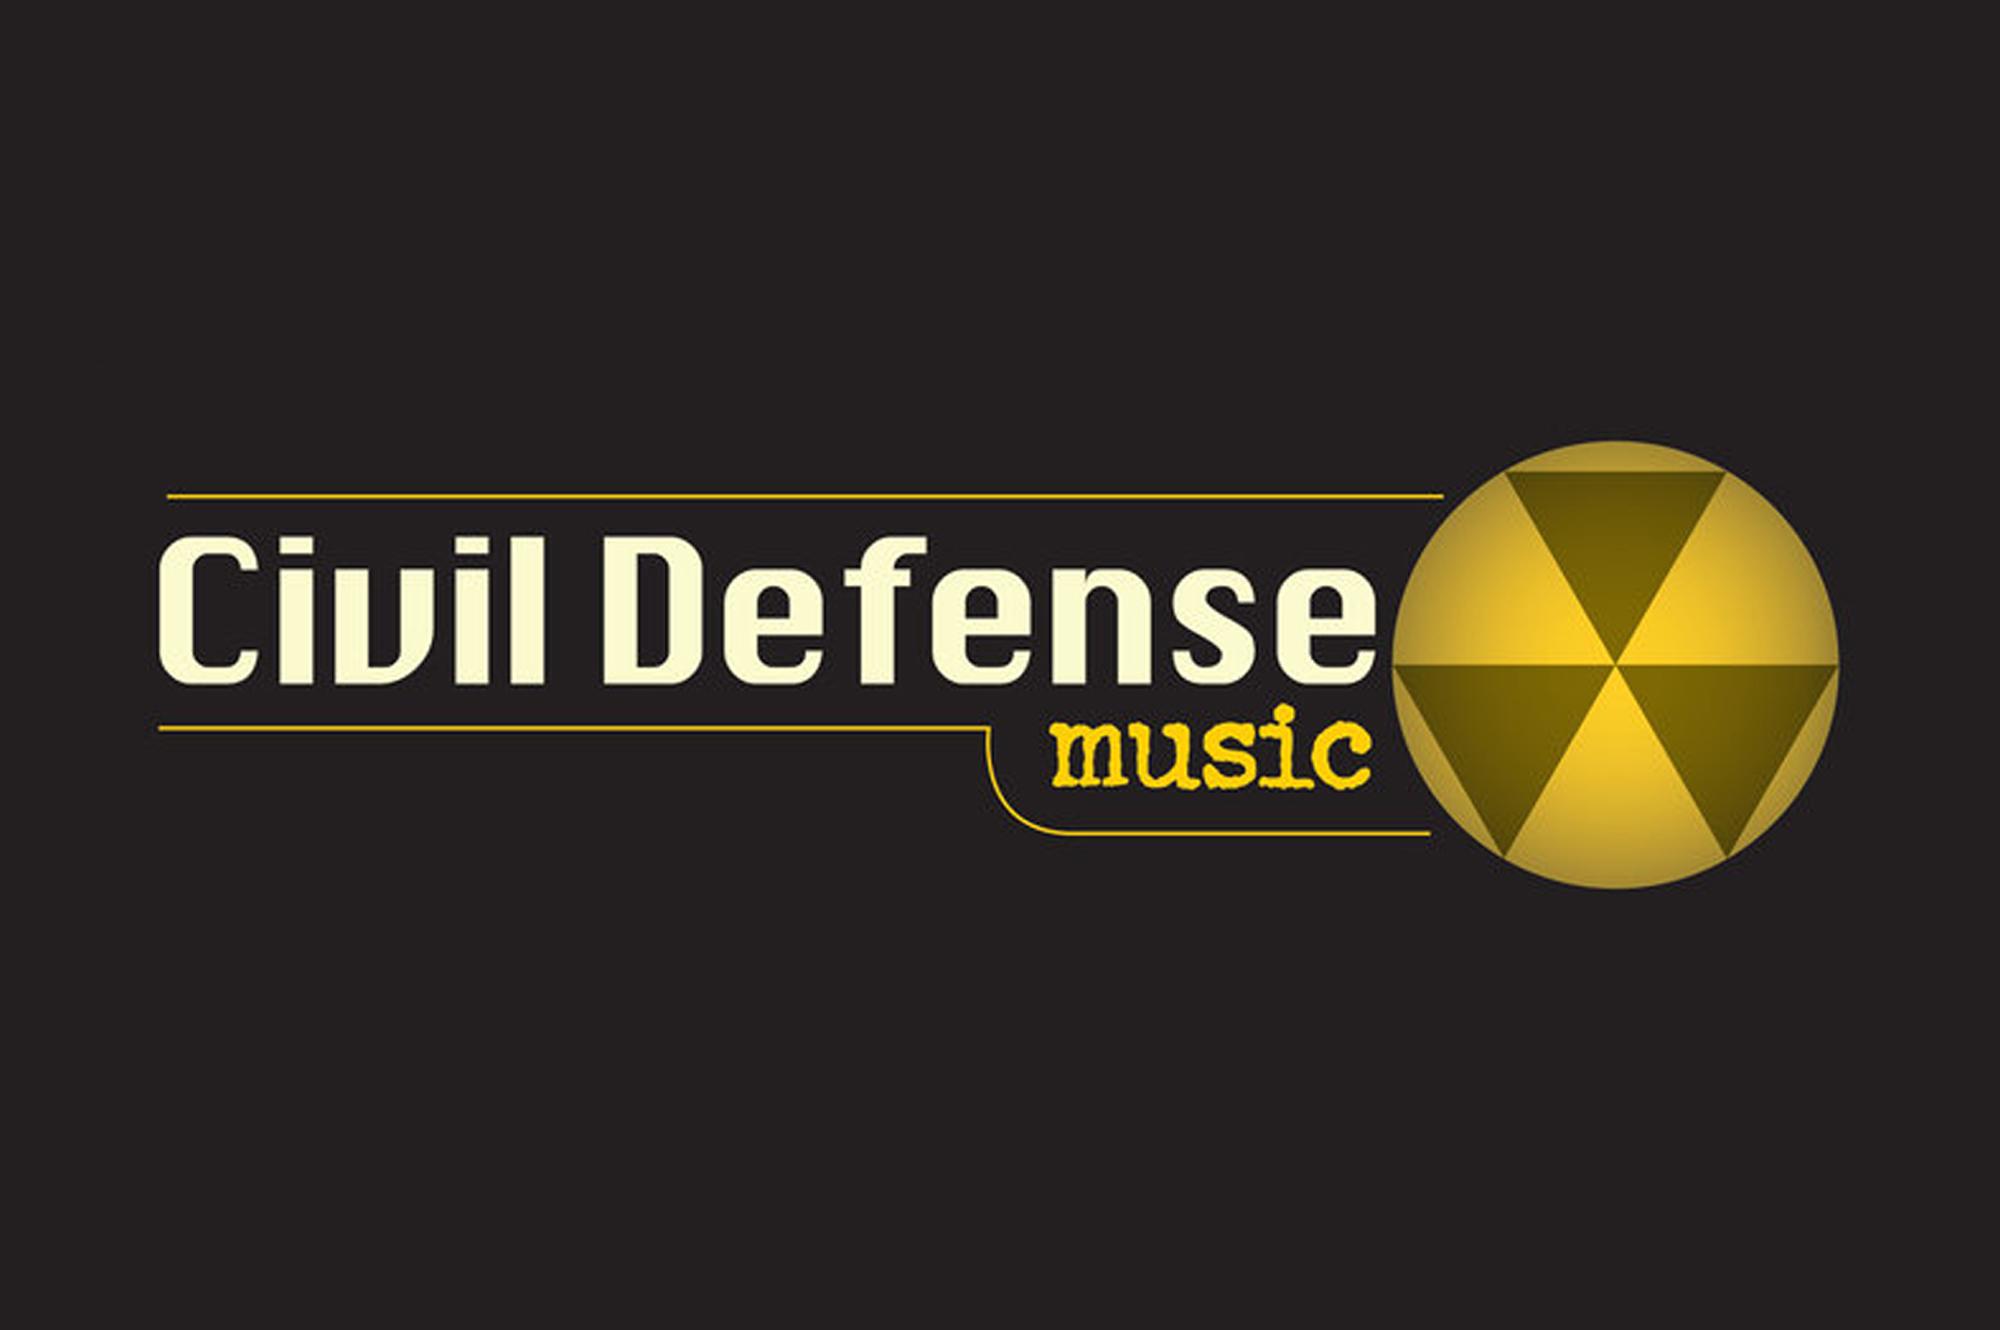 Civil Defense Music